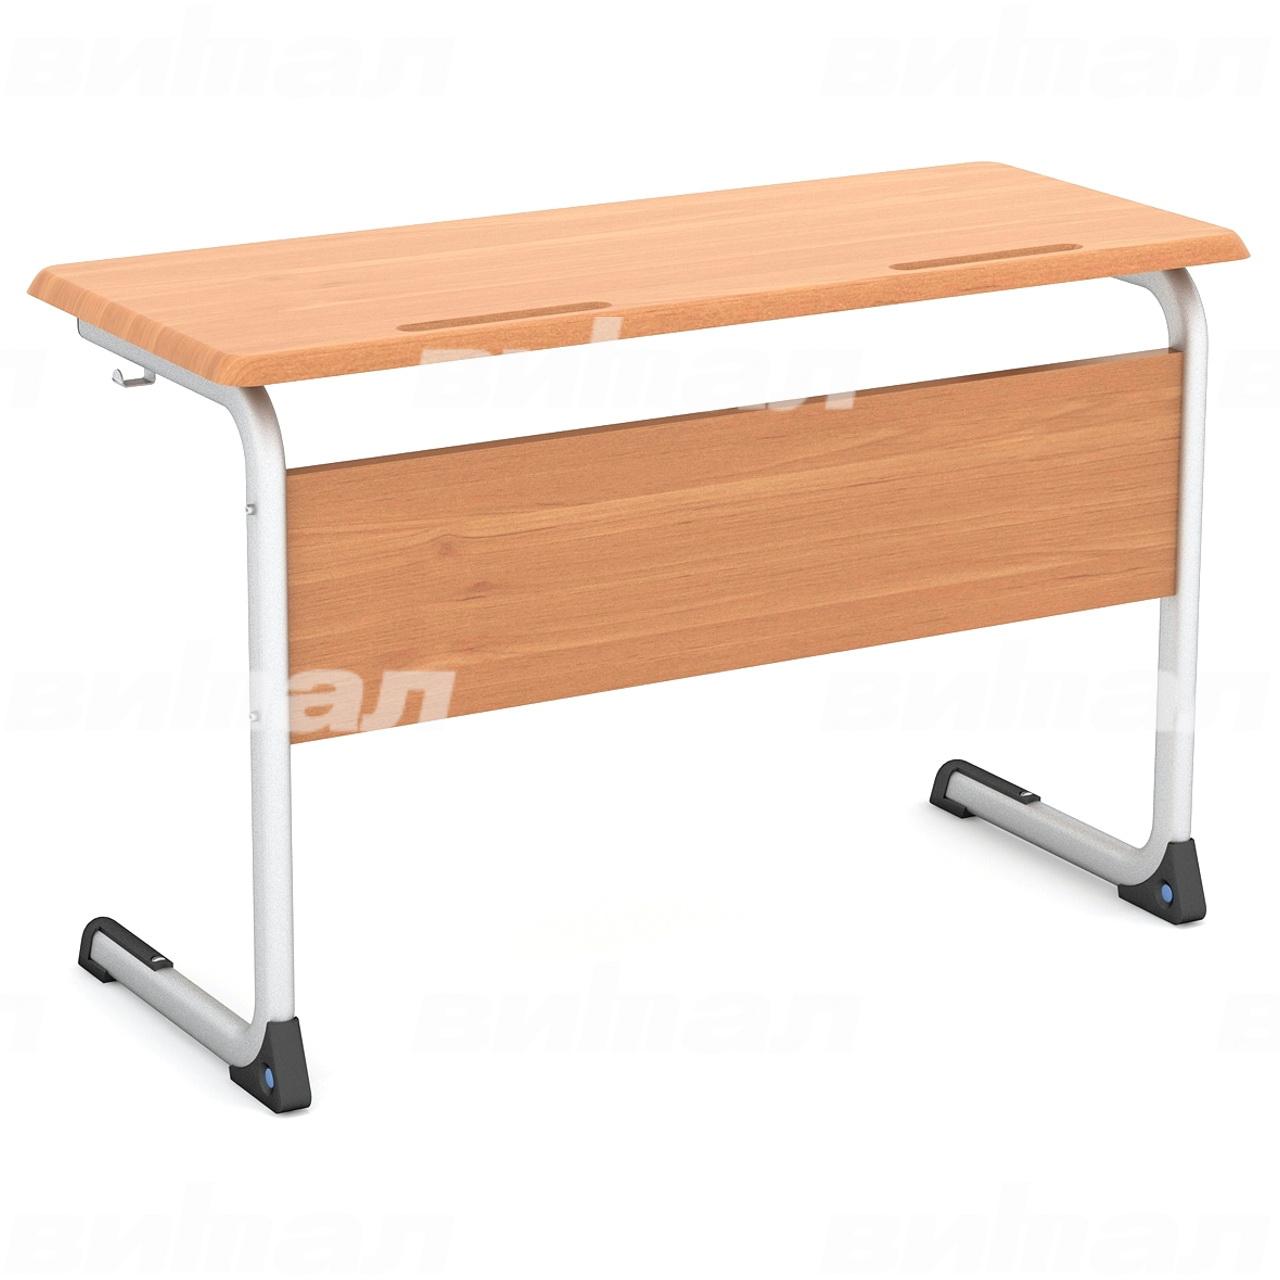 Стол ученический 2-местный нерегулируемый (гр. 3, 4, 5 или 6) МДФ серый Бук 4 МДФ плоскоовальная